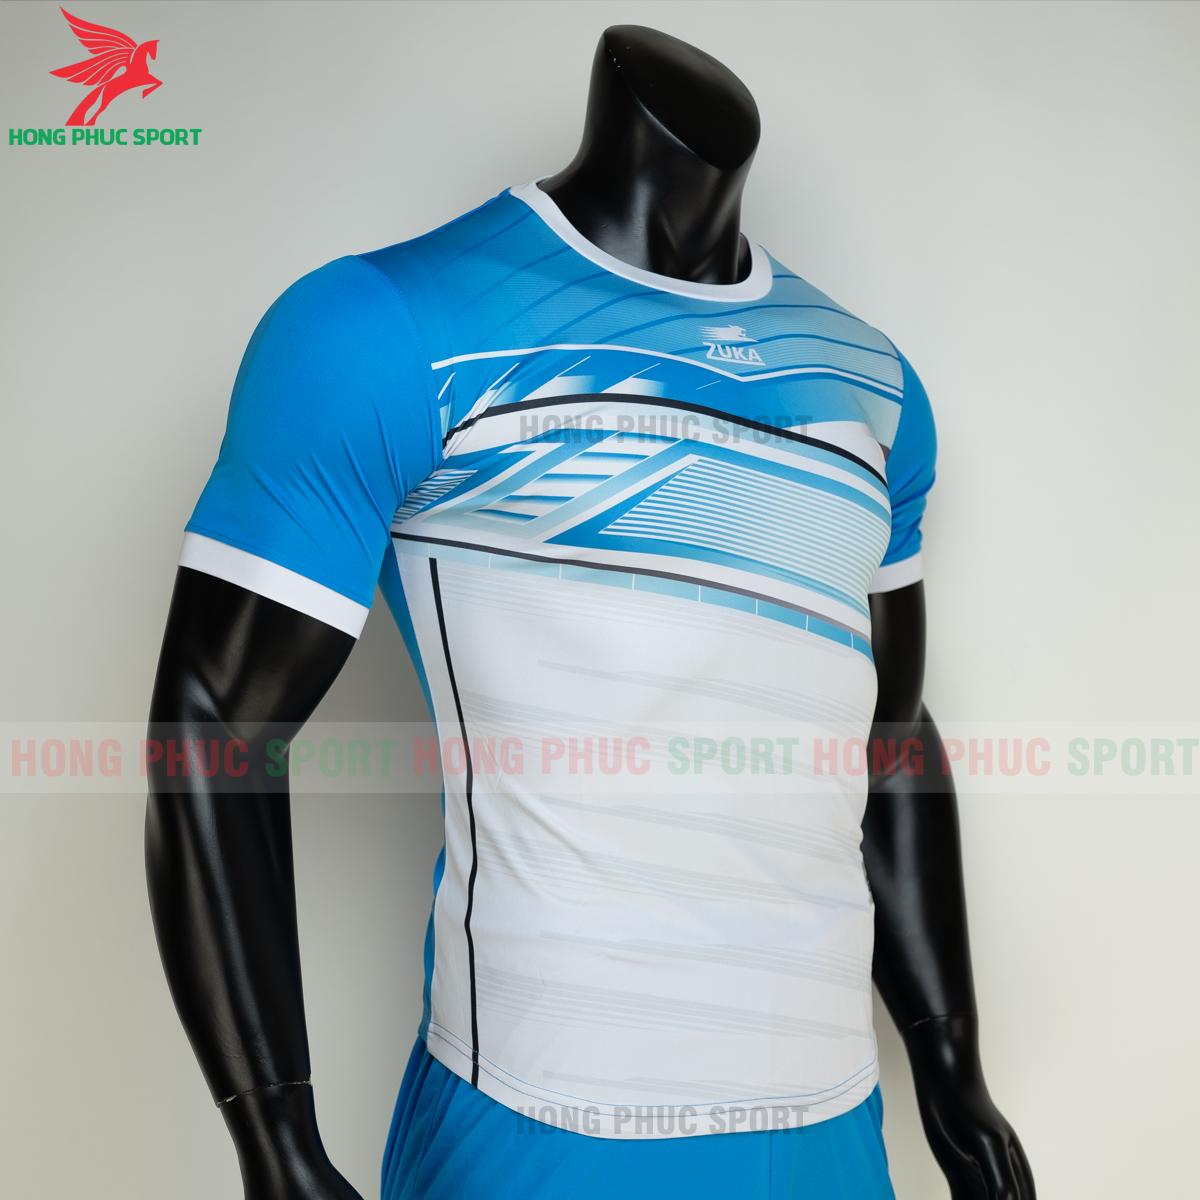 https://cdn.hongphucsport.com/unsafe/s4.shopbay.vn/files/285/ao-bong-da-khong-logo-zuka-01-mau-xanh-5-60502e792bc72.png